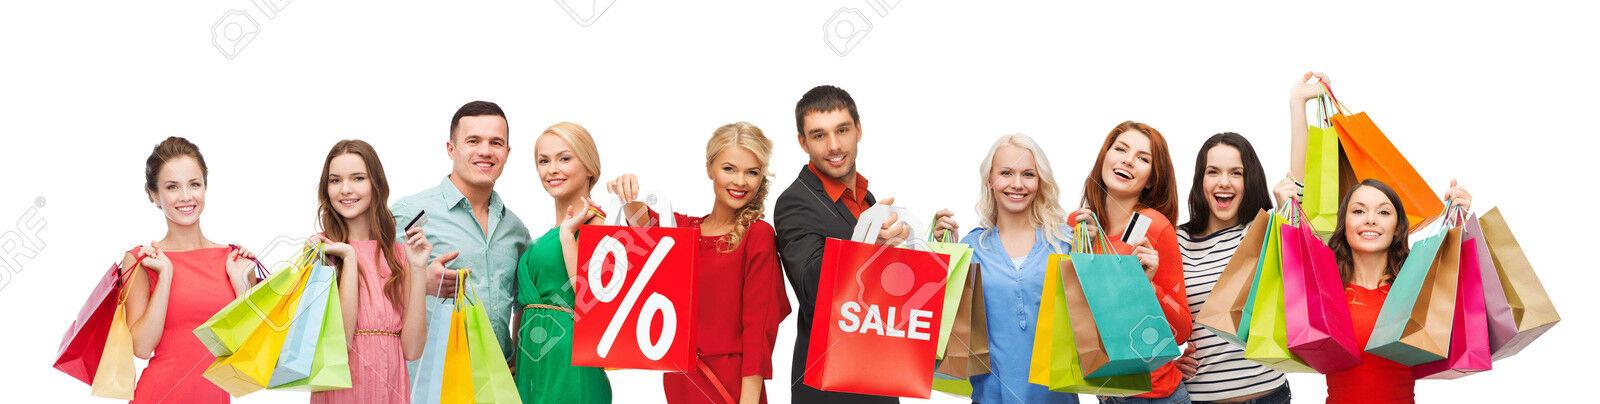 Discountmarket Stores